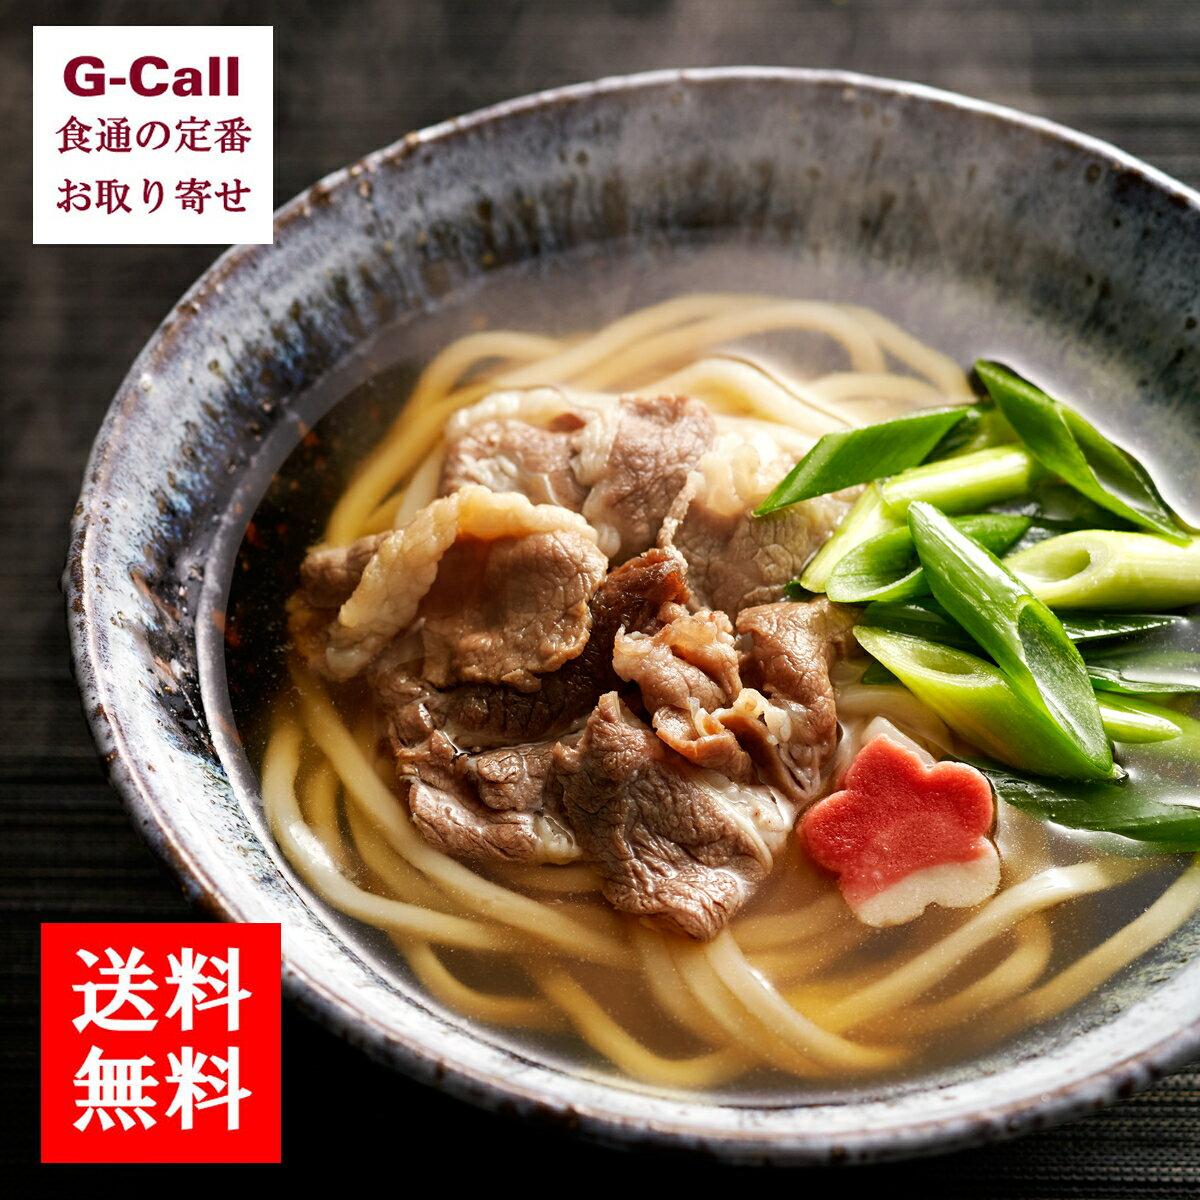 キンレイ『京都九条ねぎの肉うどん』